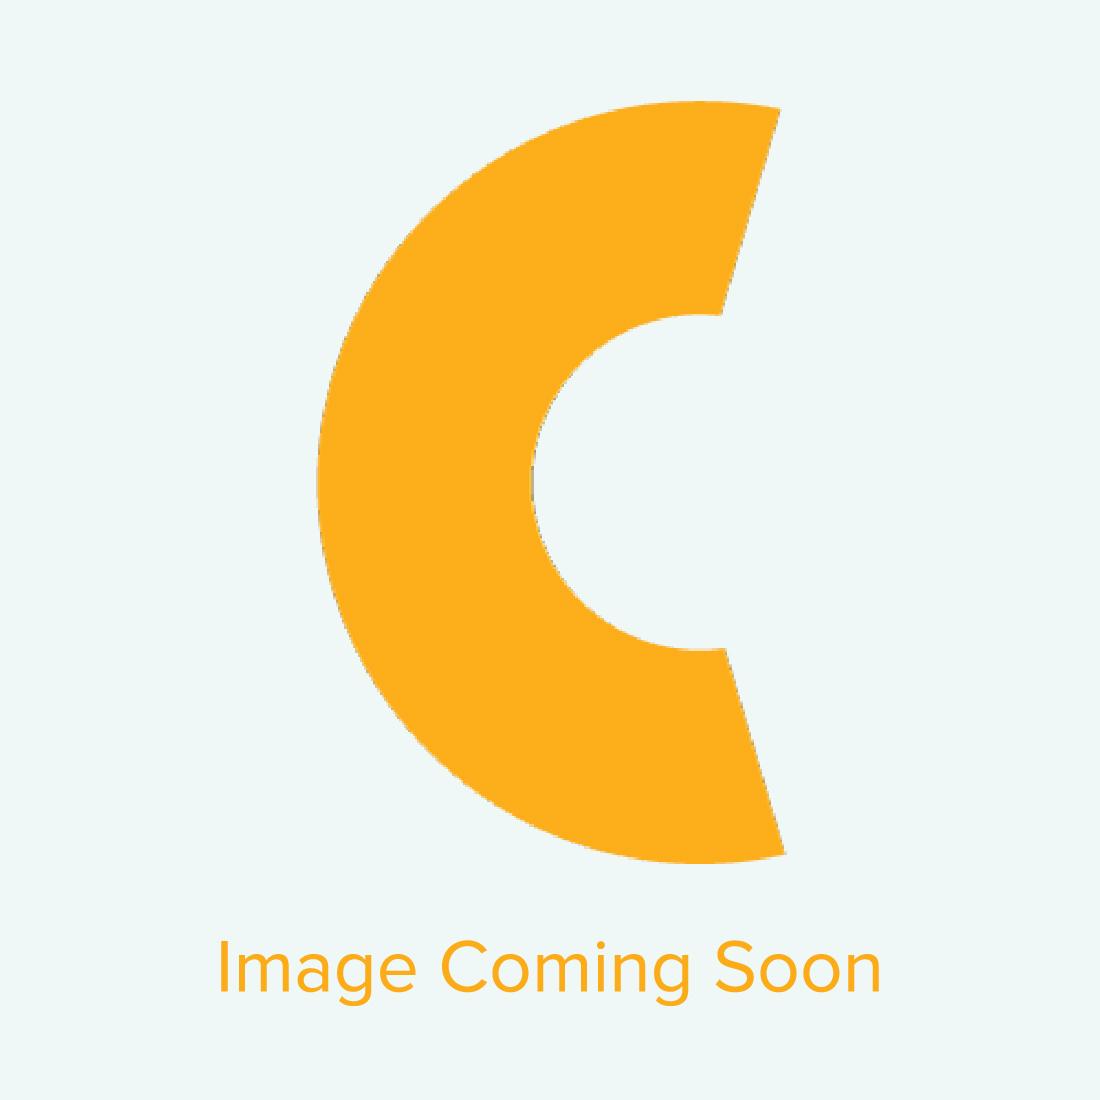 """Ceramic Sublimation Photo Tile - 8"""" x 8"""" - 36/case"""